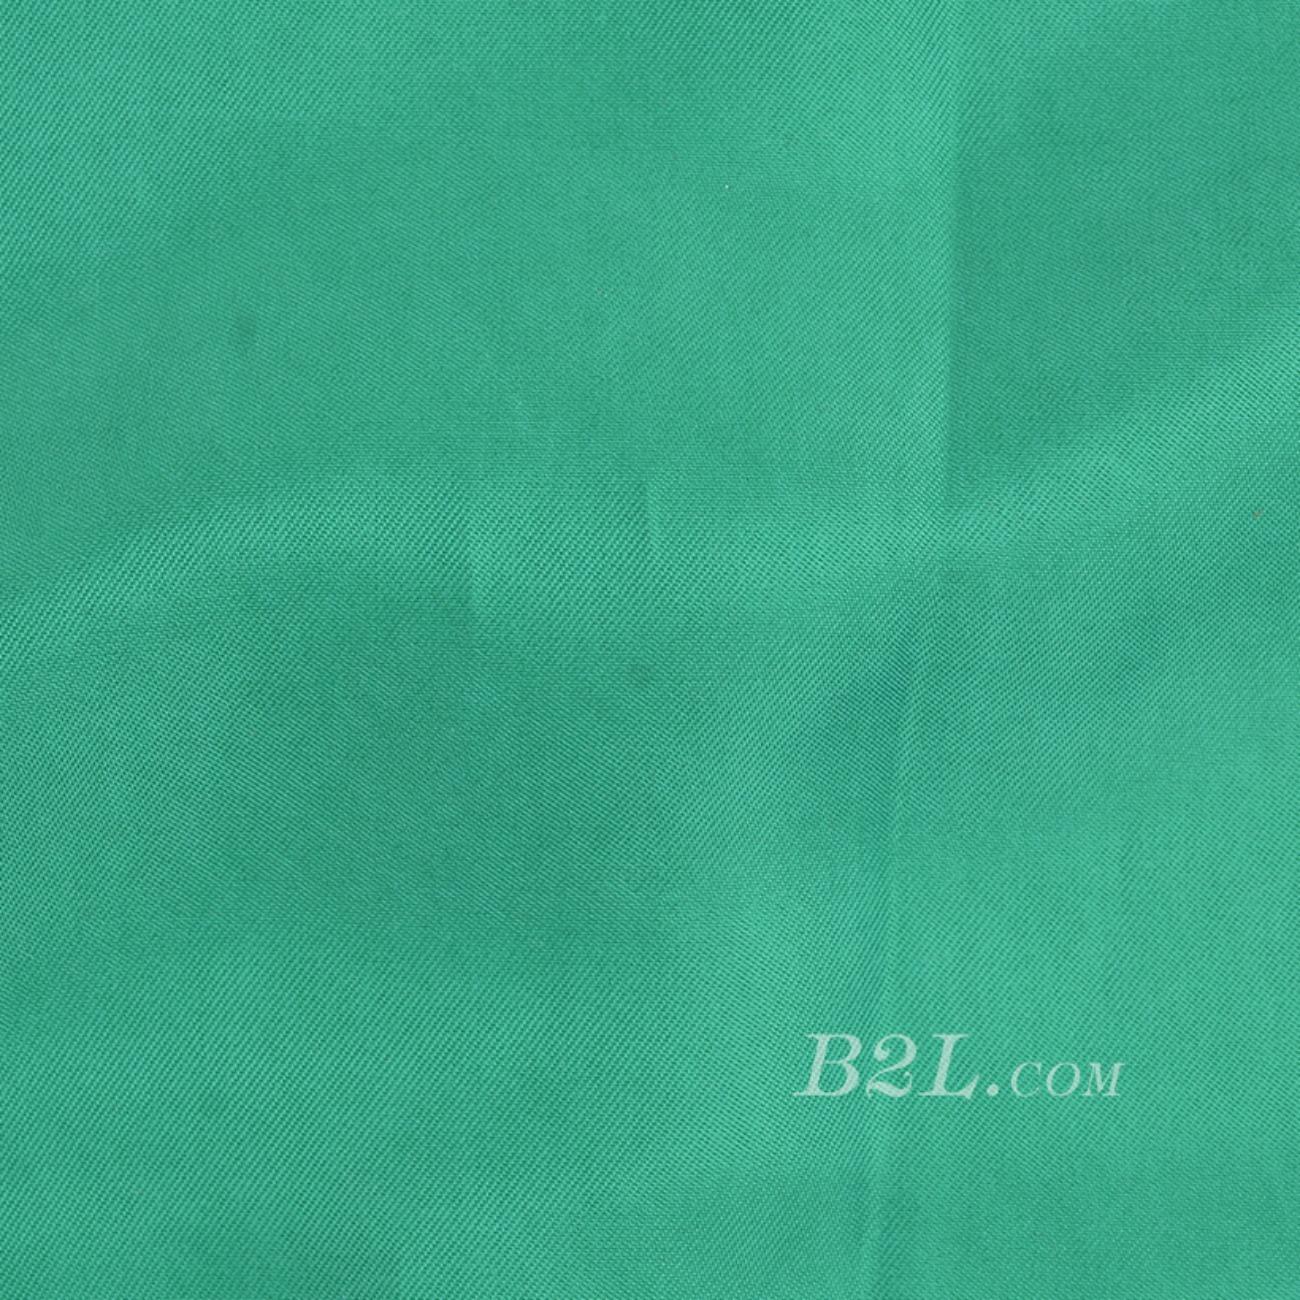 素色 梭织 色织 铜氨 春秋 连衣裙 外套 时装 90307-39